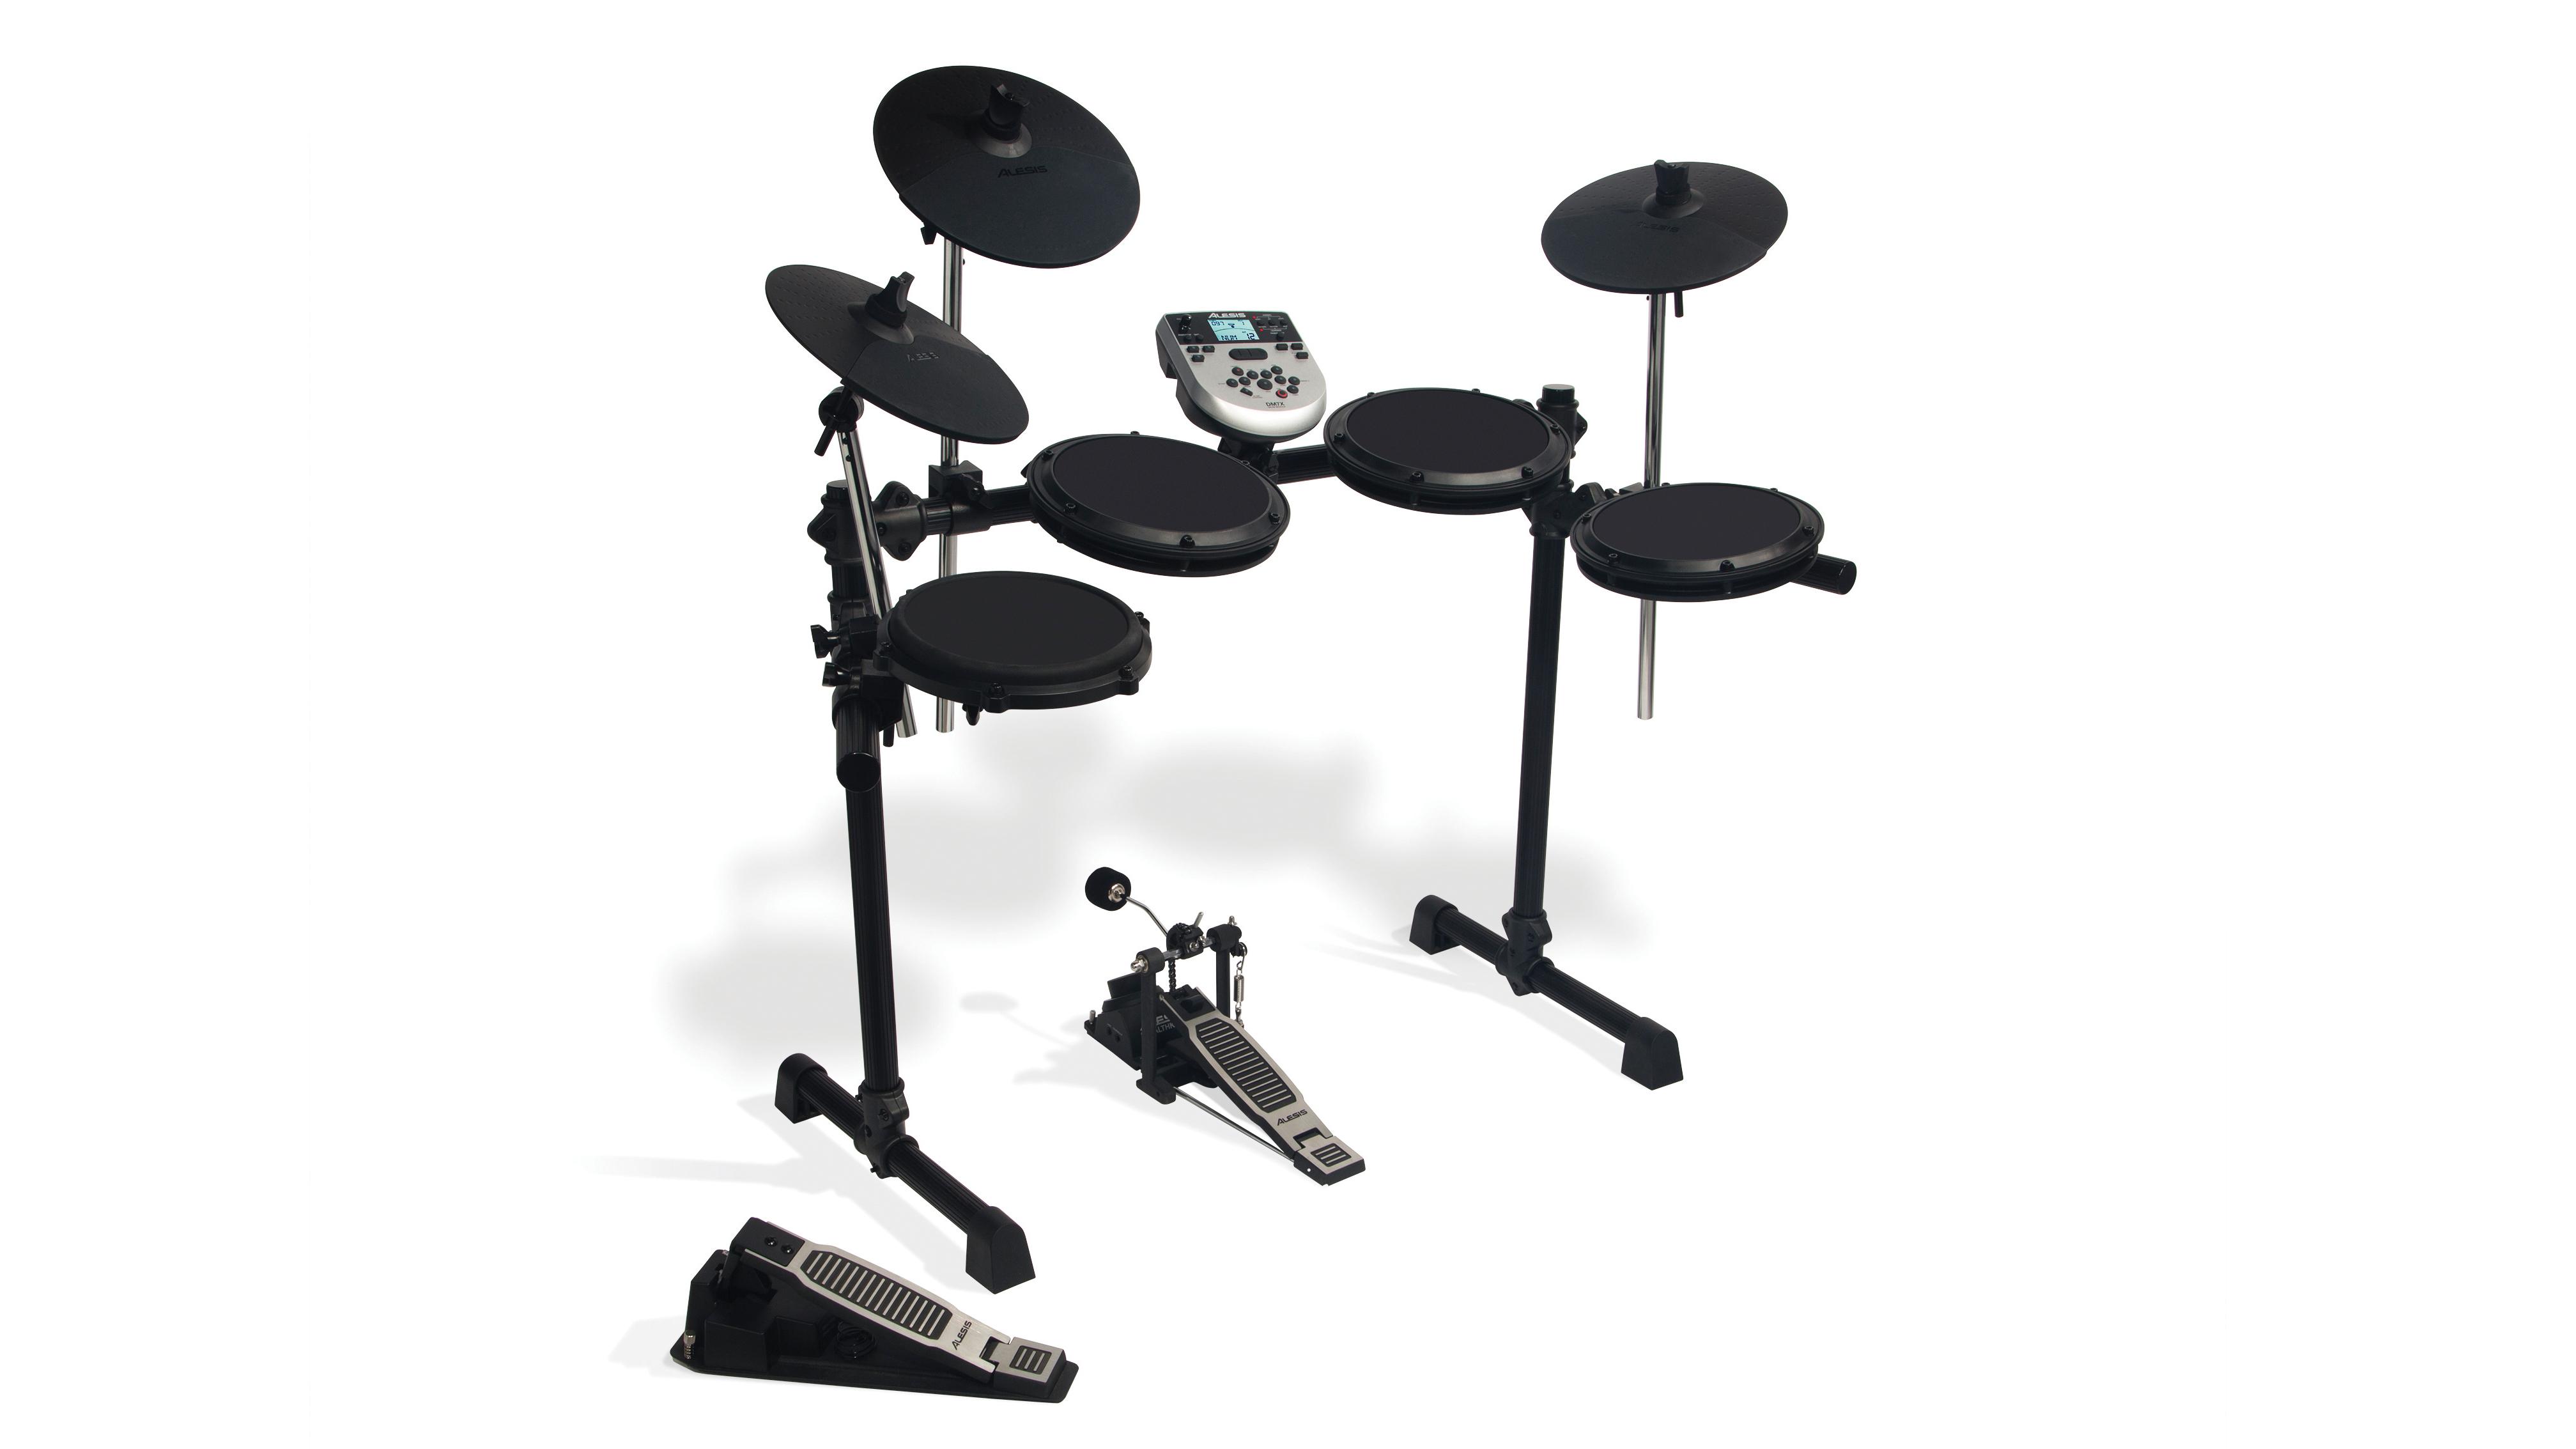 alesis unveils dm7x session and dm lite electronic kits musicradar rh musicradar com alesis dm8 manual alesis dm7 review